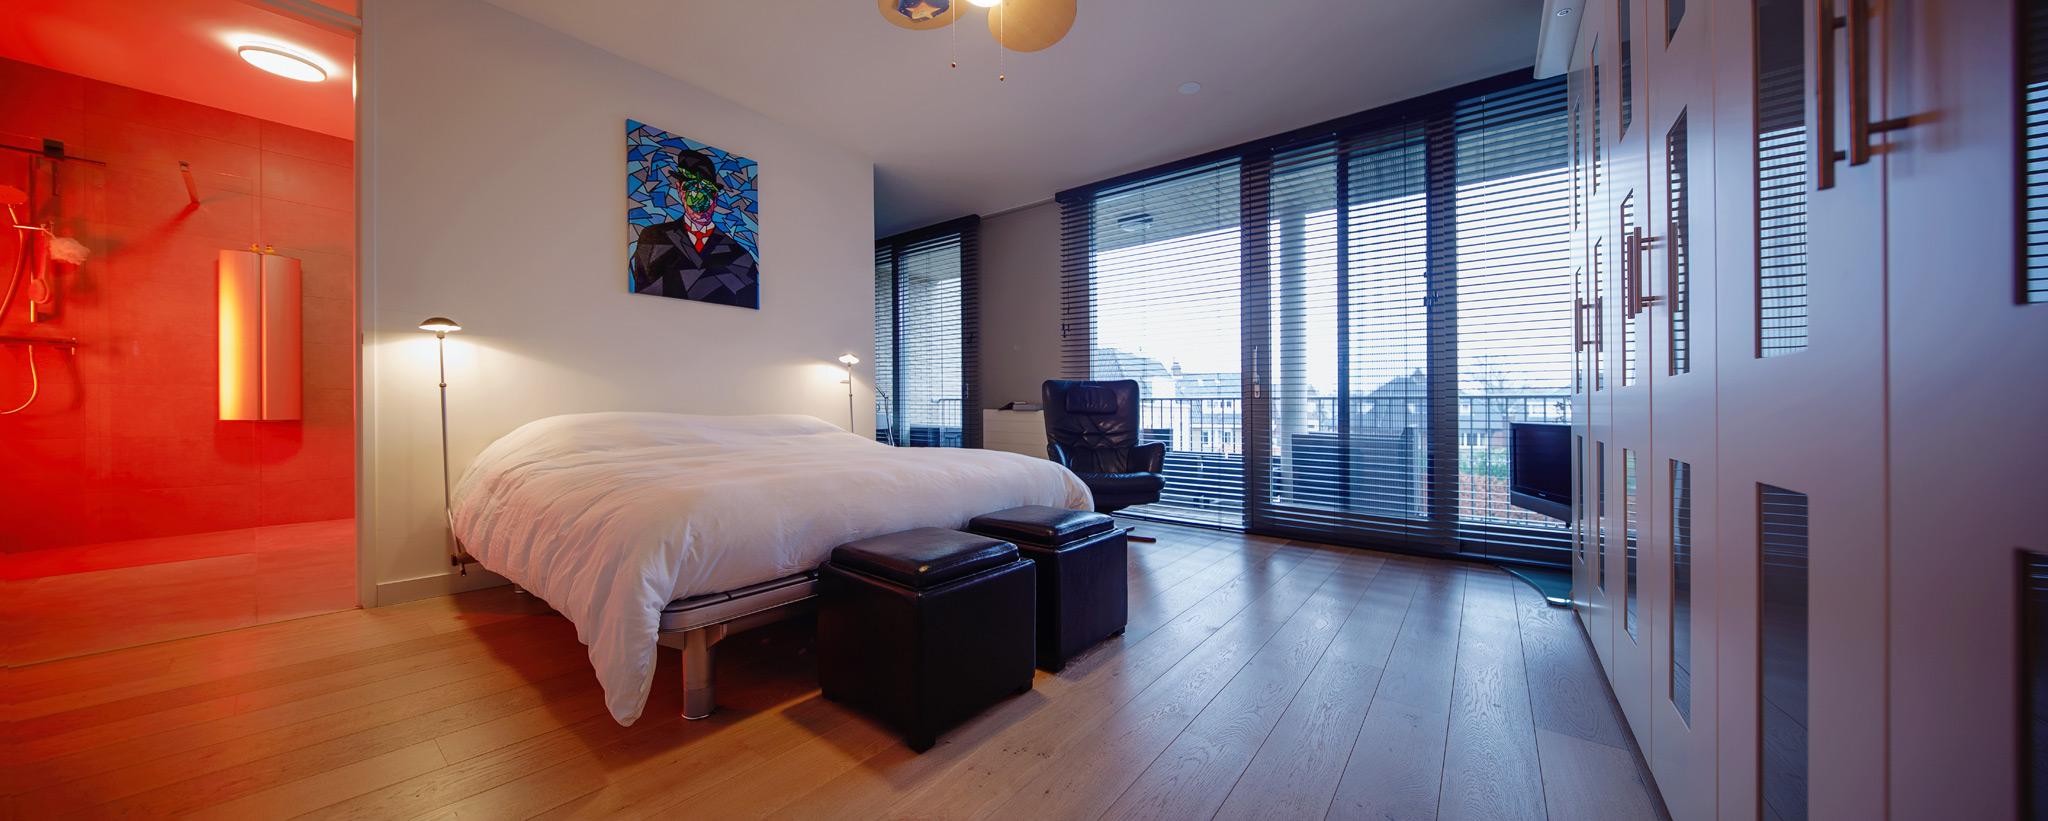 https://www.morefloors.nl/application/files/9214/8830/1478/MoreFloors_-_vloeren_Breda_Parket_Tegels_Slaapkamer_europees_eiken_wit_geolied__multiplank_Pvc_Bamboe_vloeren_parket_eiken_vloer_appartement.jpg